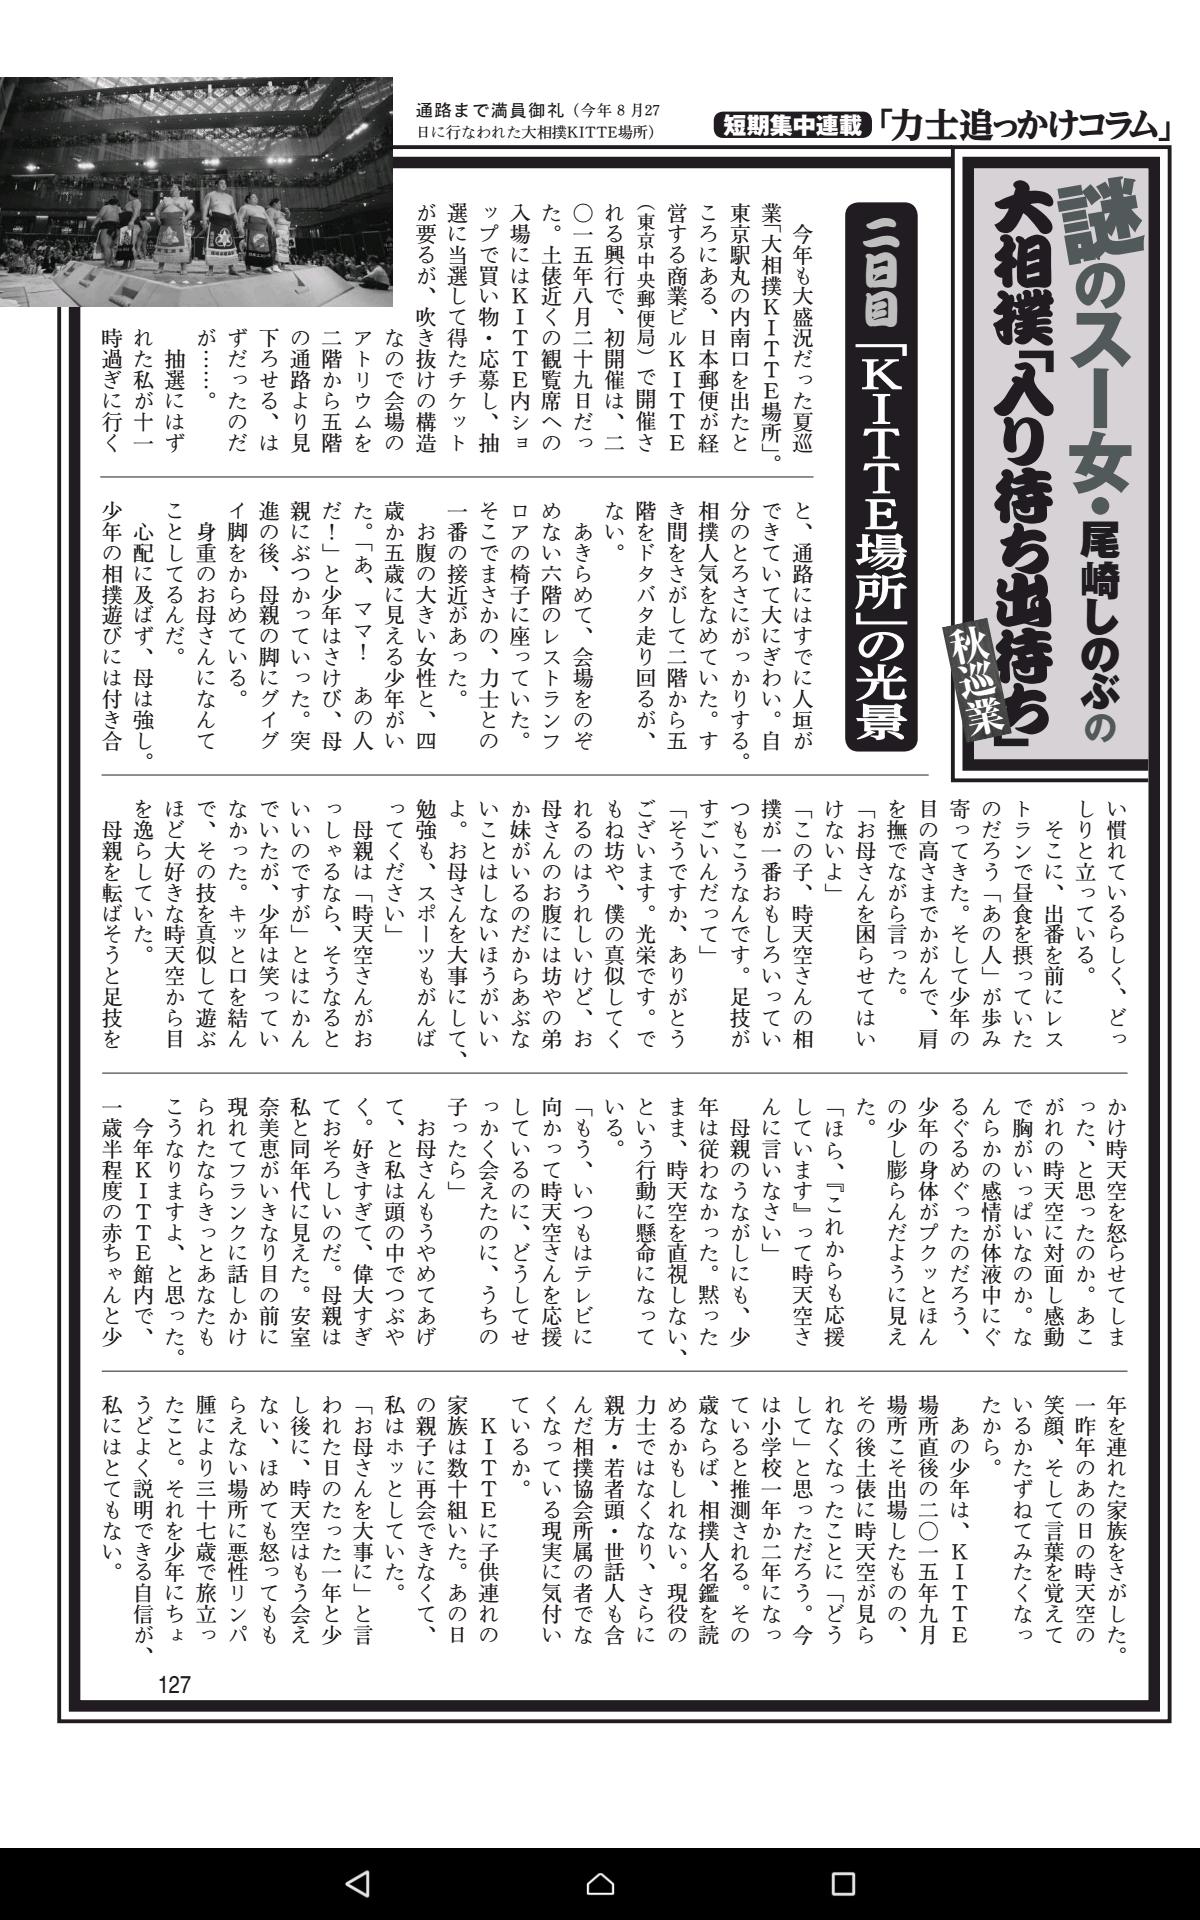 ポスト記事 20170914